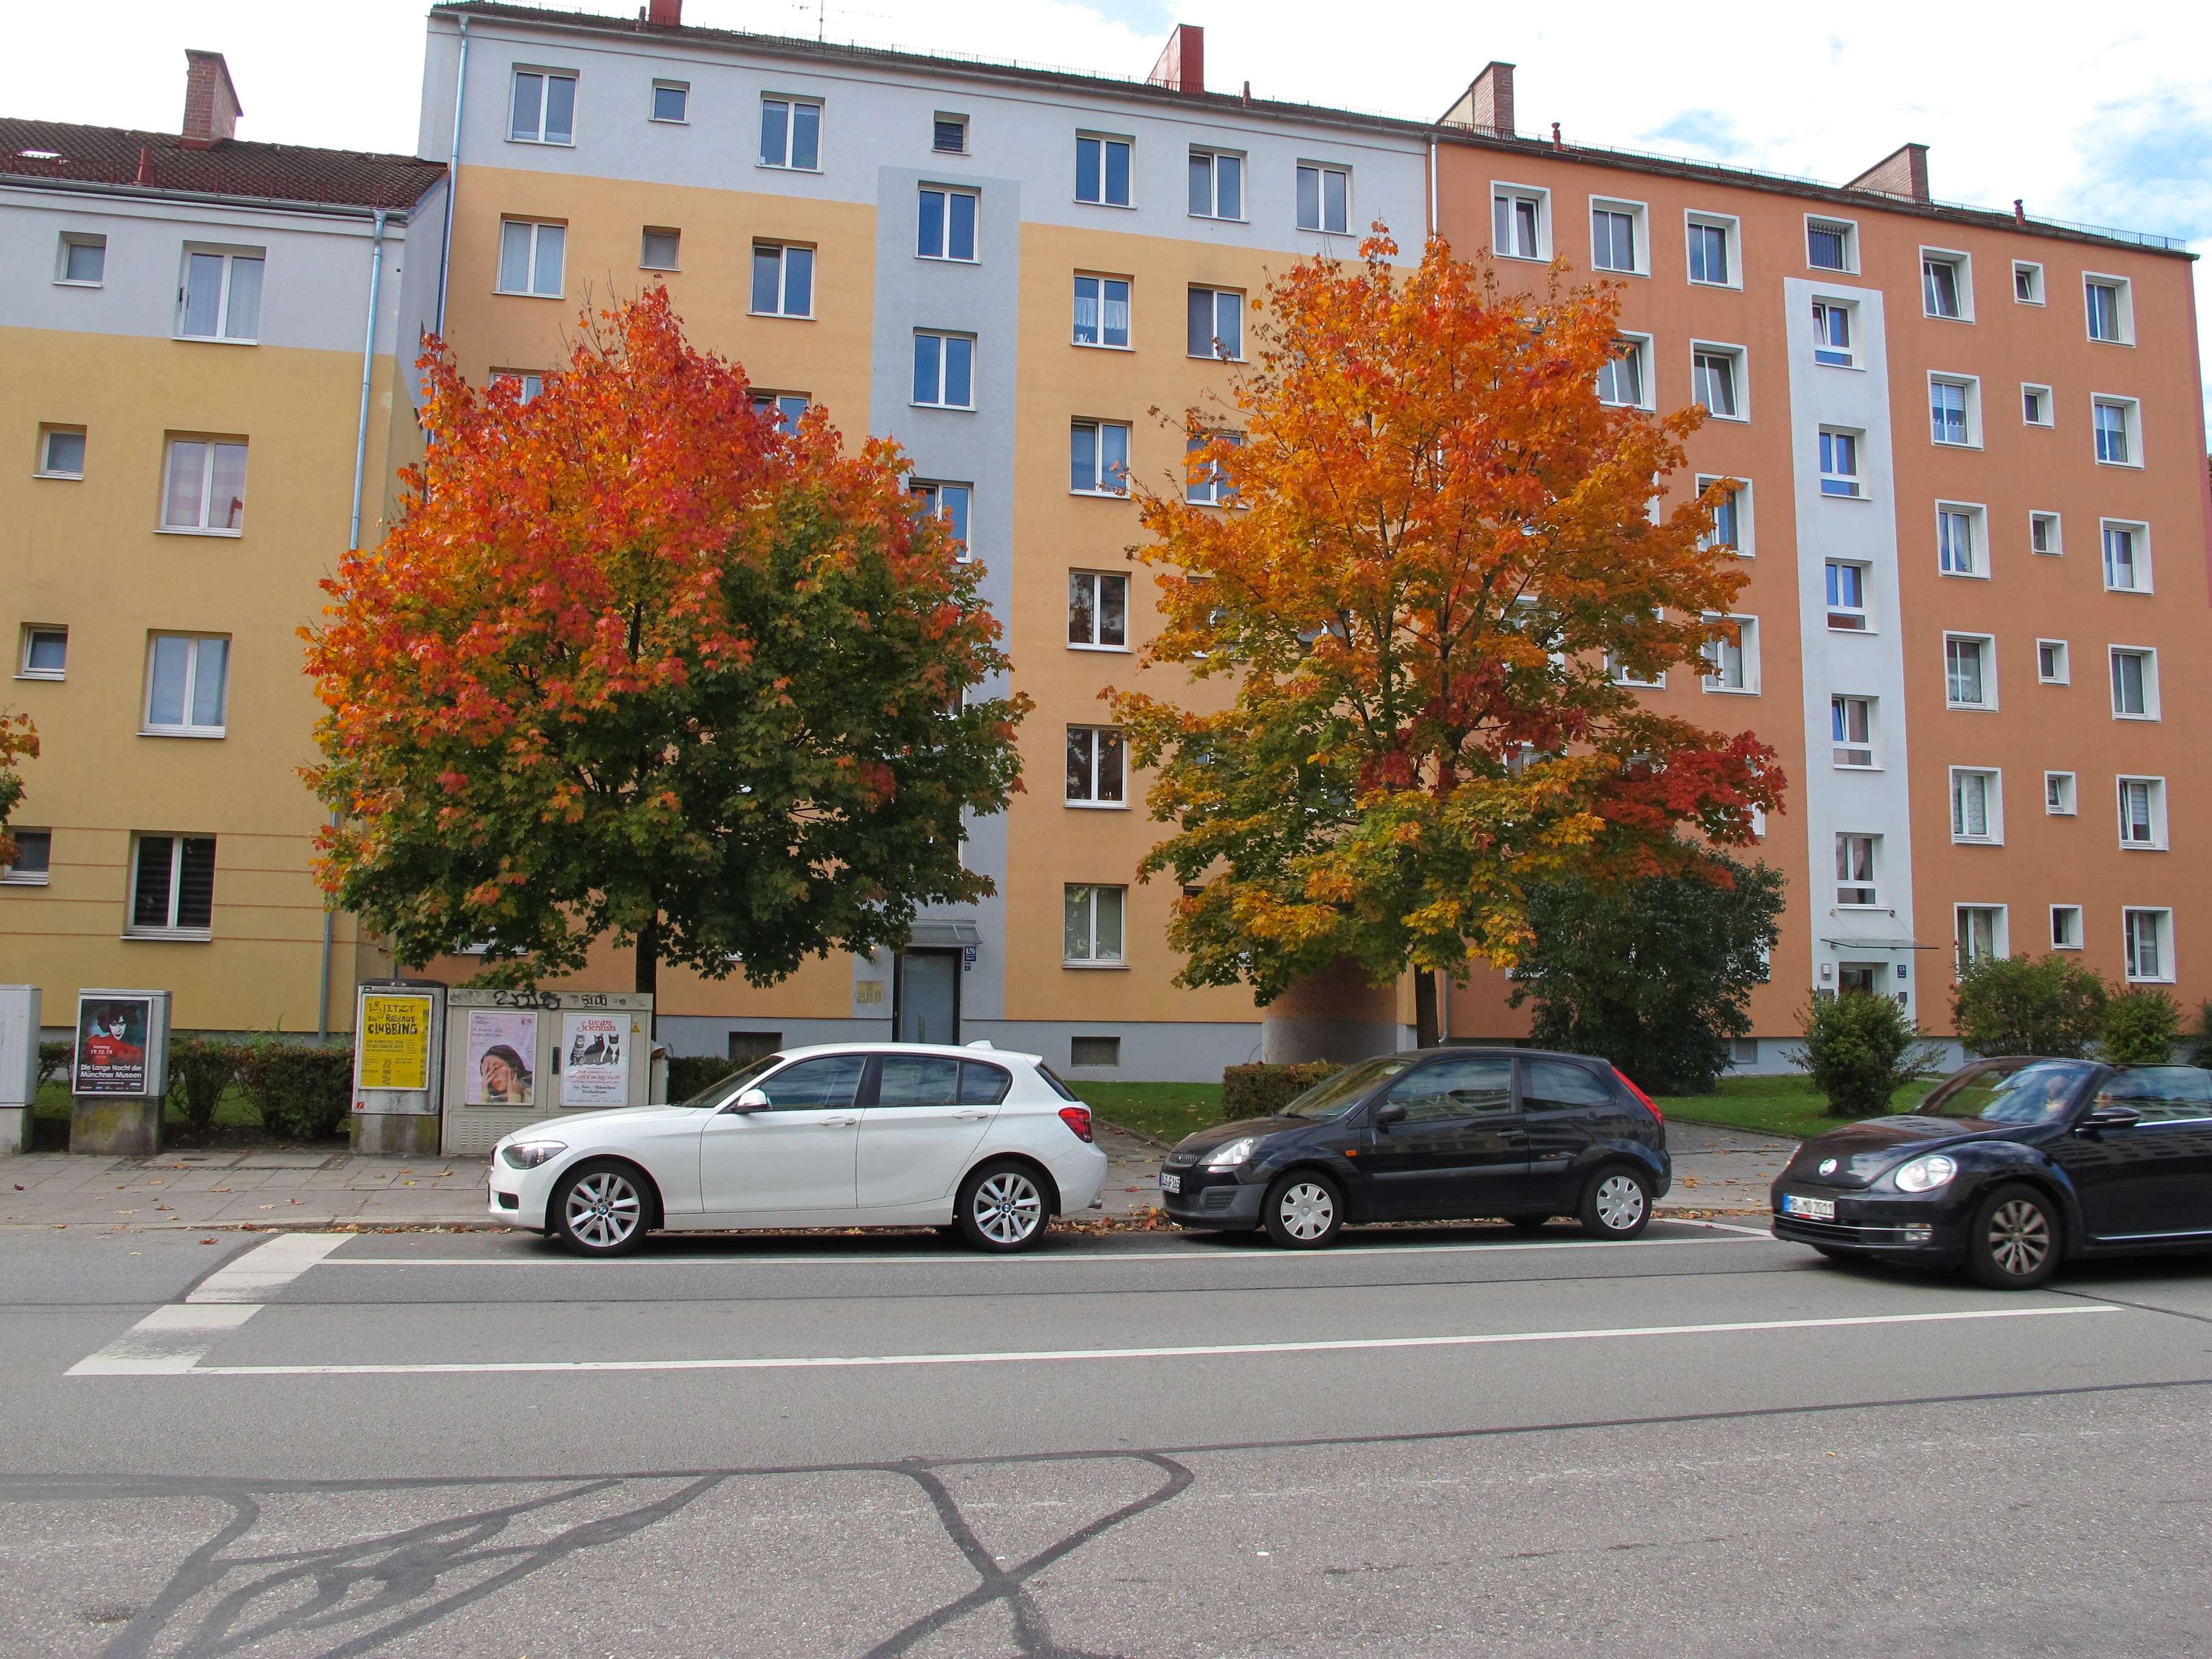 Giesing - Erstbezug nach umfassender Renovierung in Obergiesing (München)